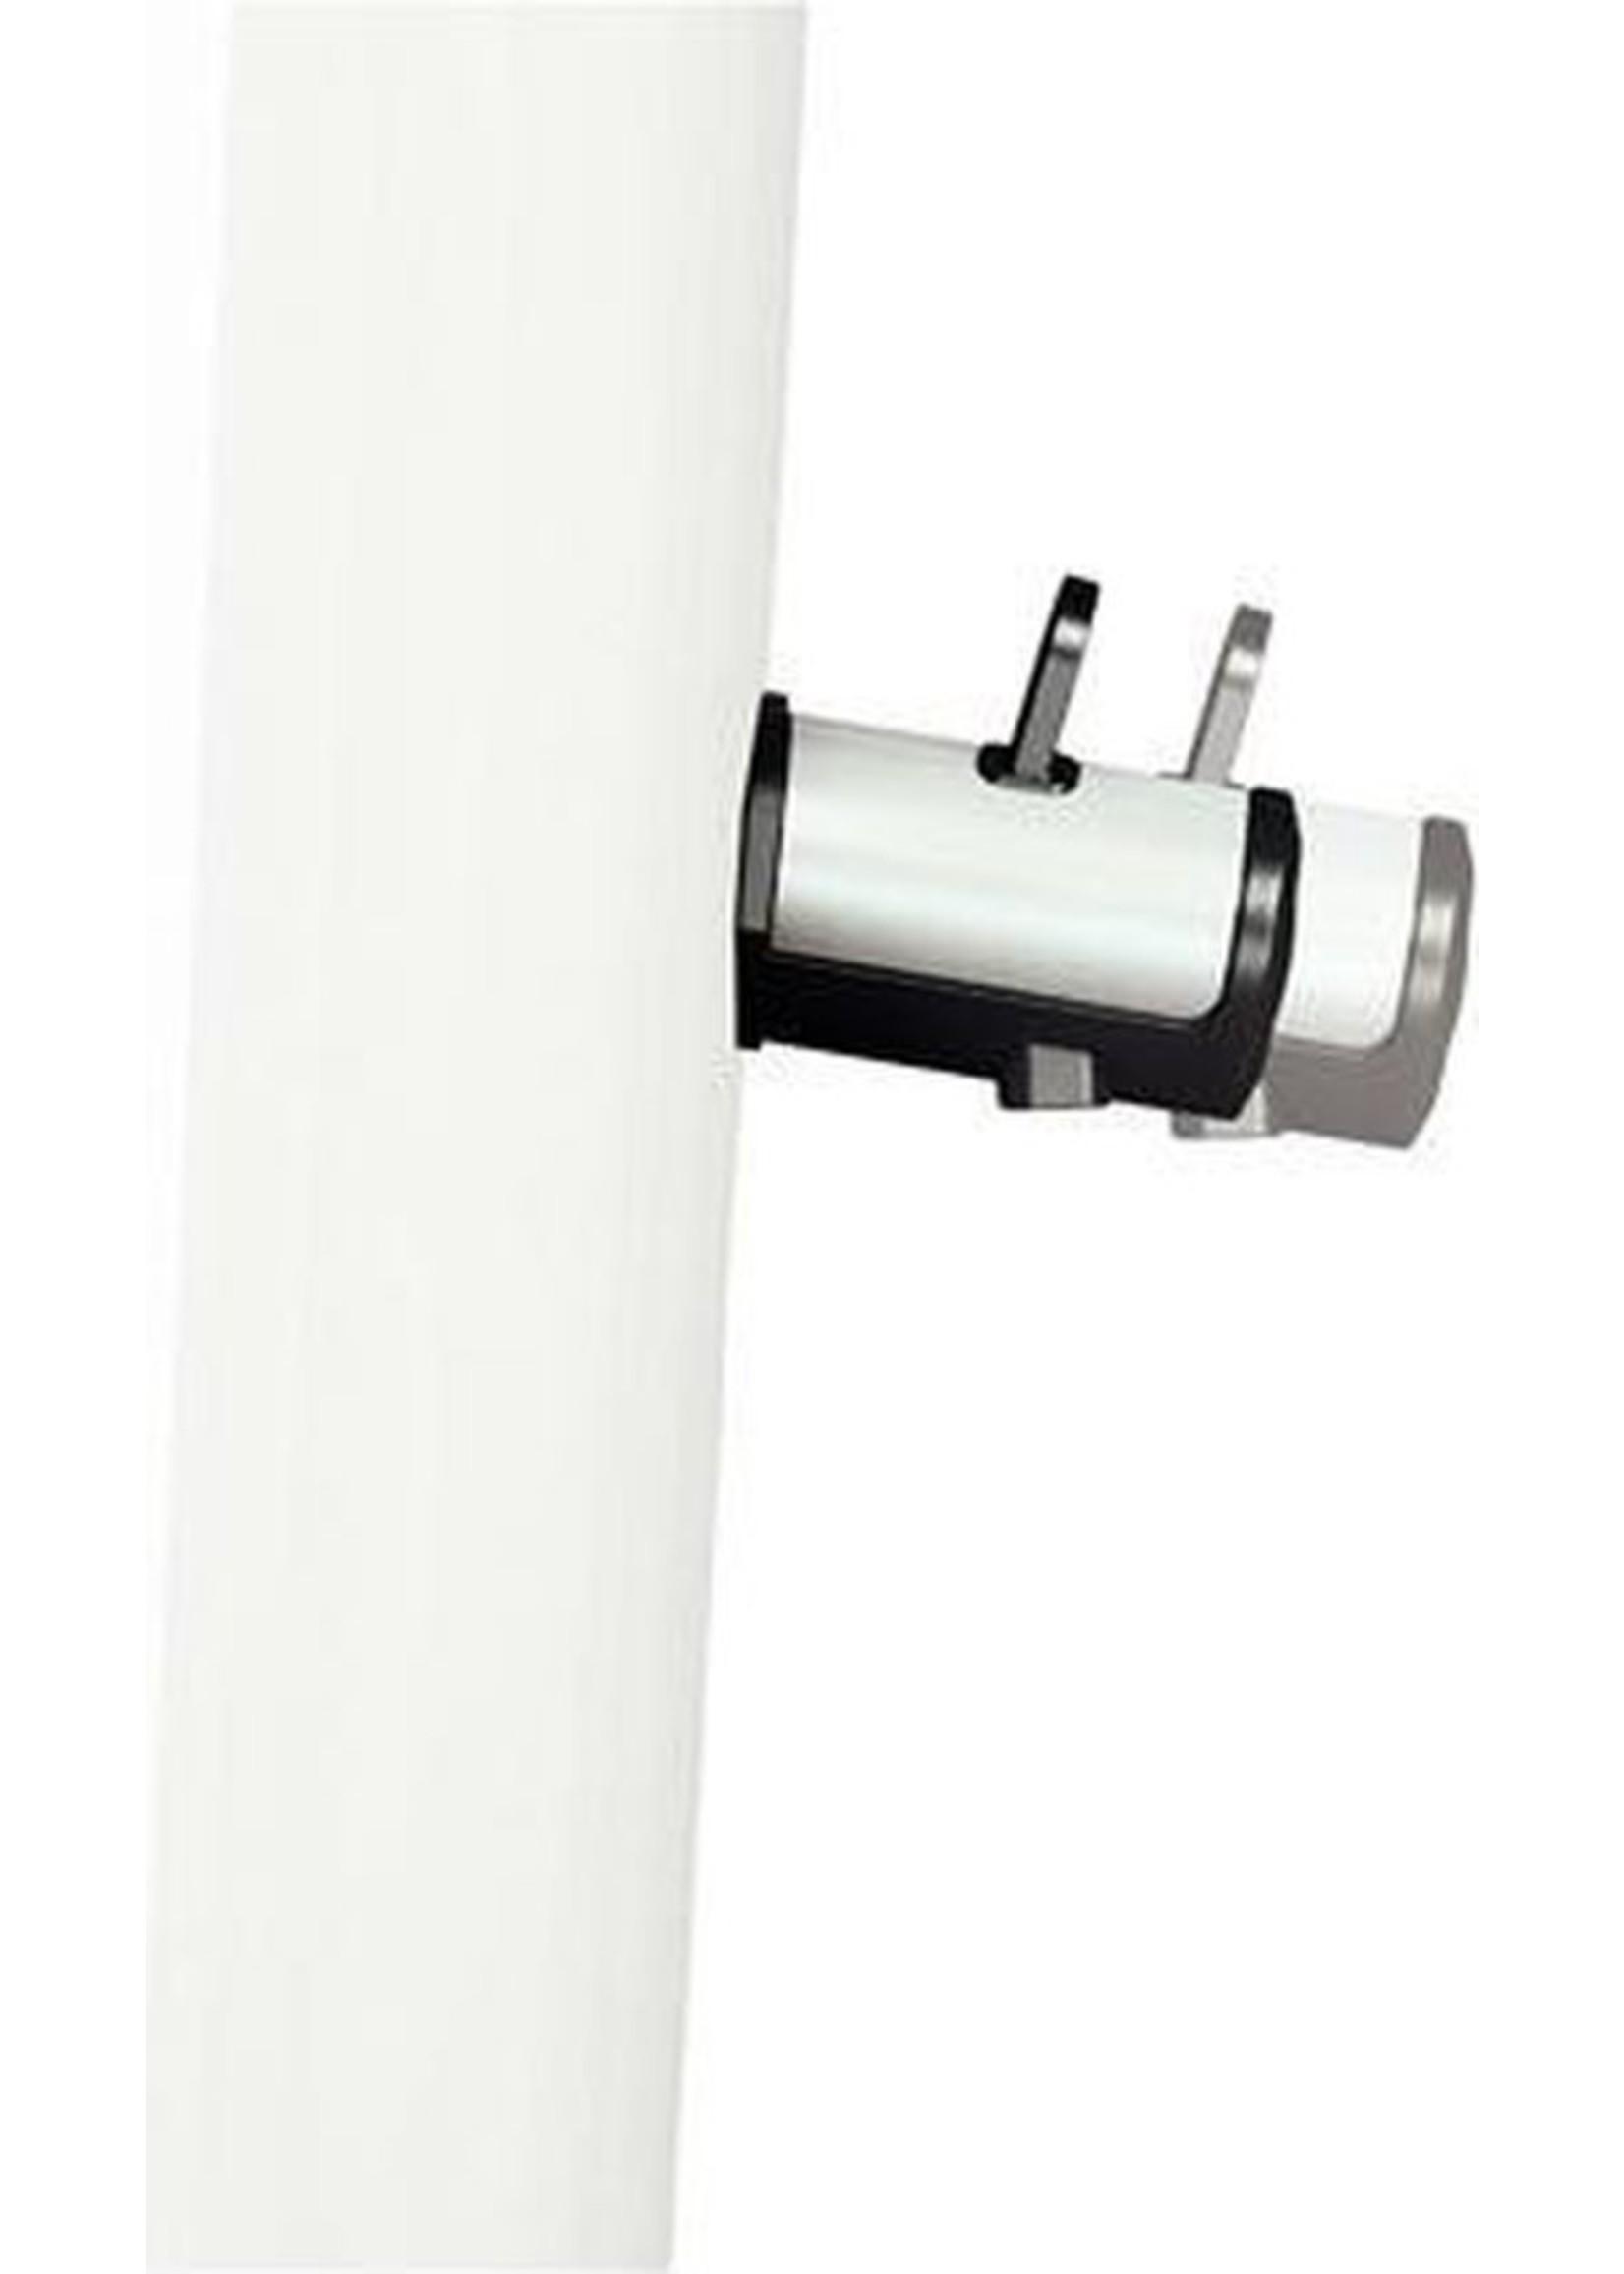 Bosch Bosch VitaJuice 2 MES25A0 - Sapcentrifuge - Wit koopjeshoek